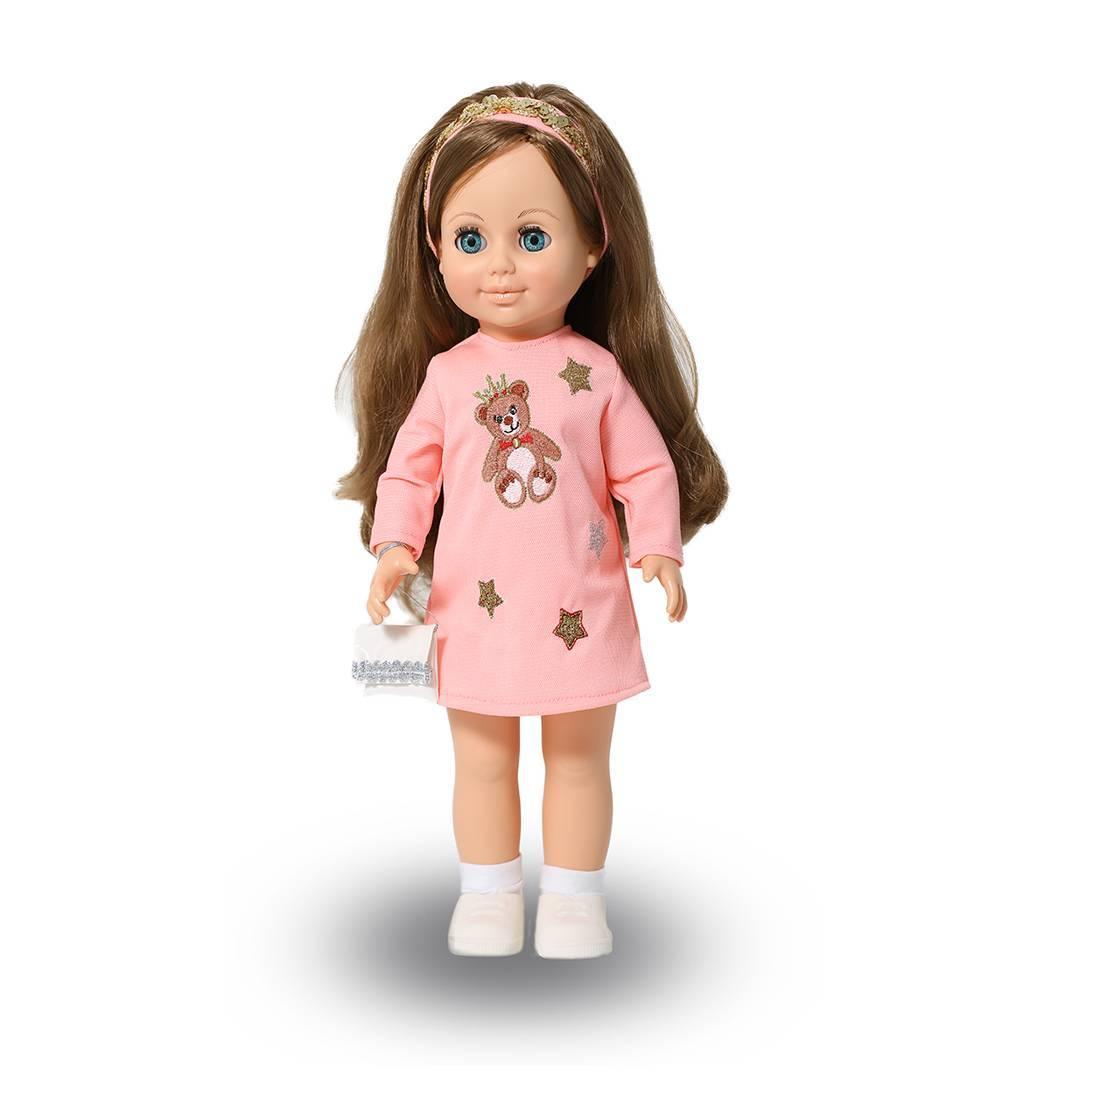 первого взгляда картинки кукол весна аня зиму новому